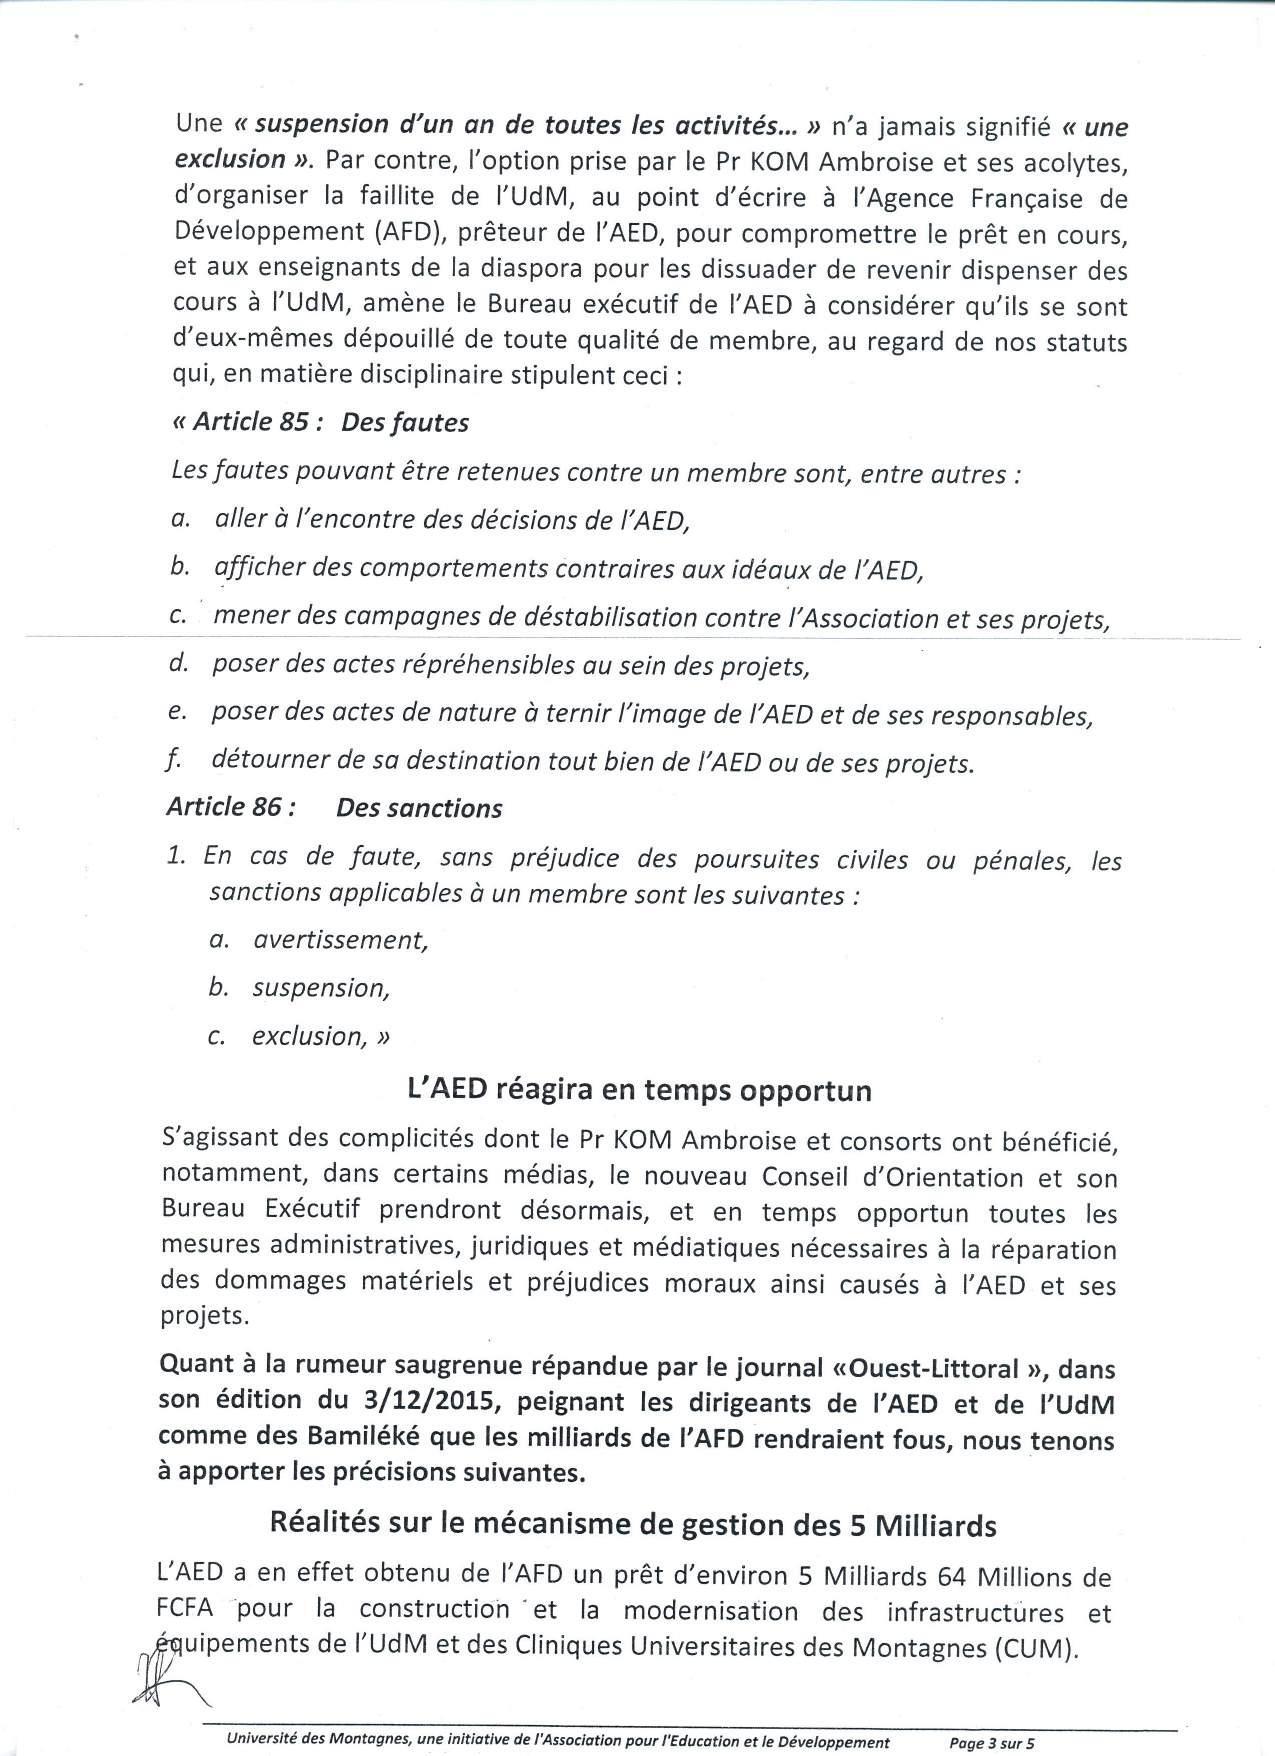 20151209_Mise au point de AED-page-003